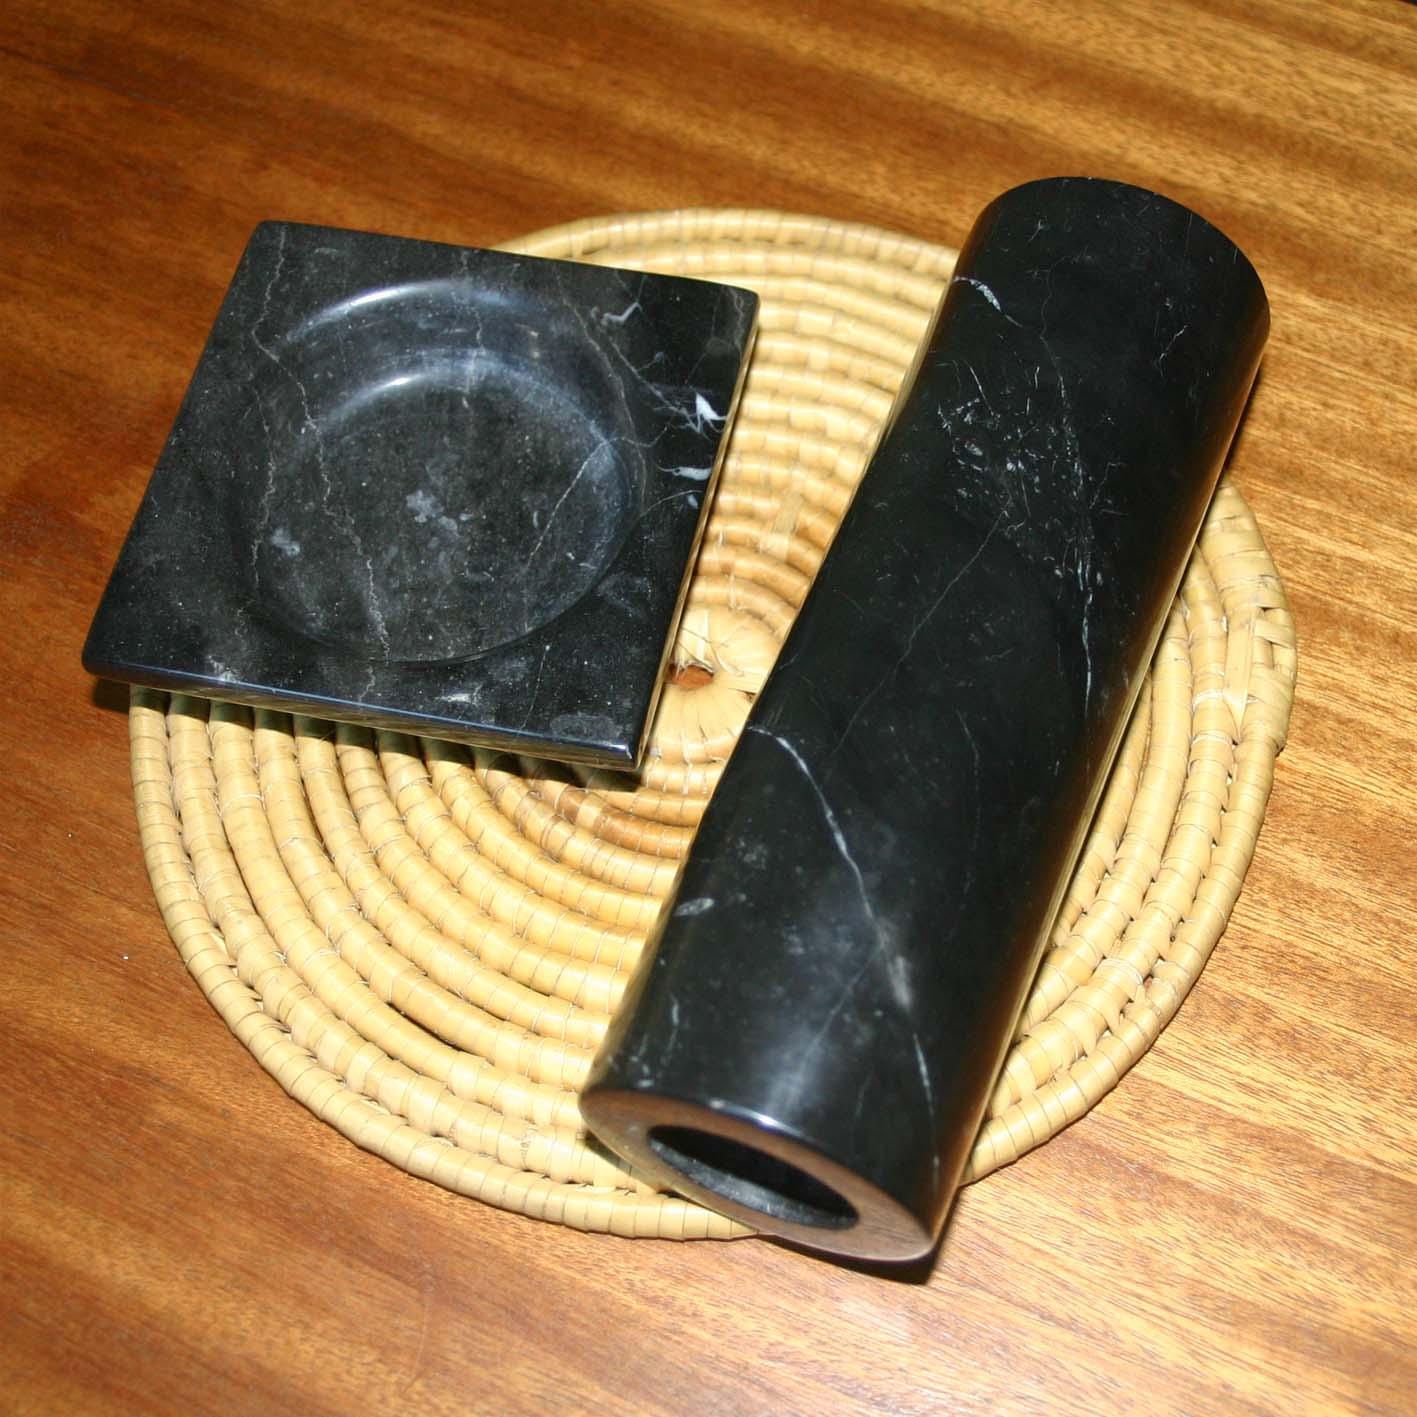 Ваза и подставка из черного мрамора, 70-е годы, фото 1